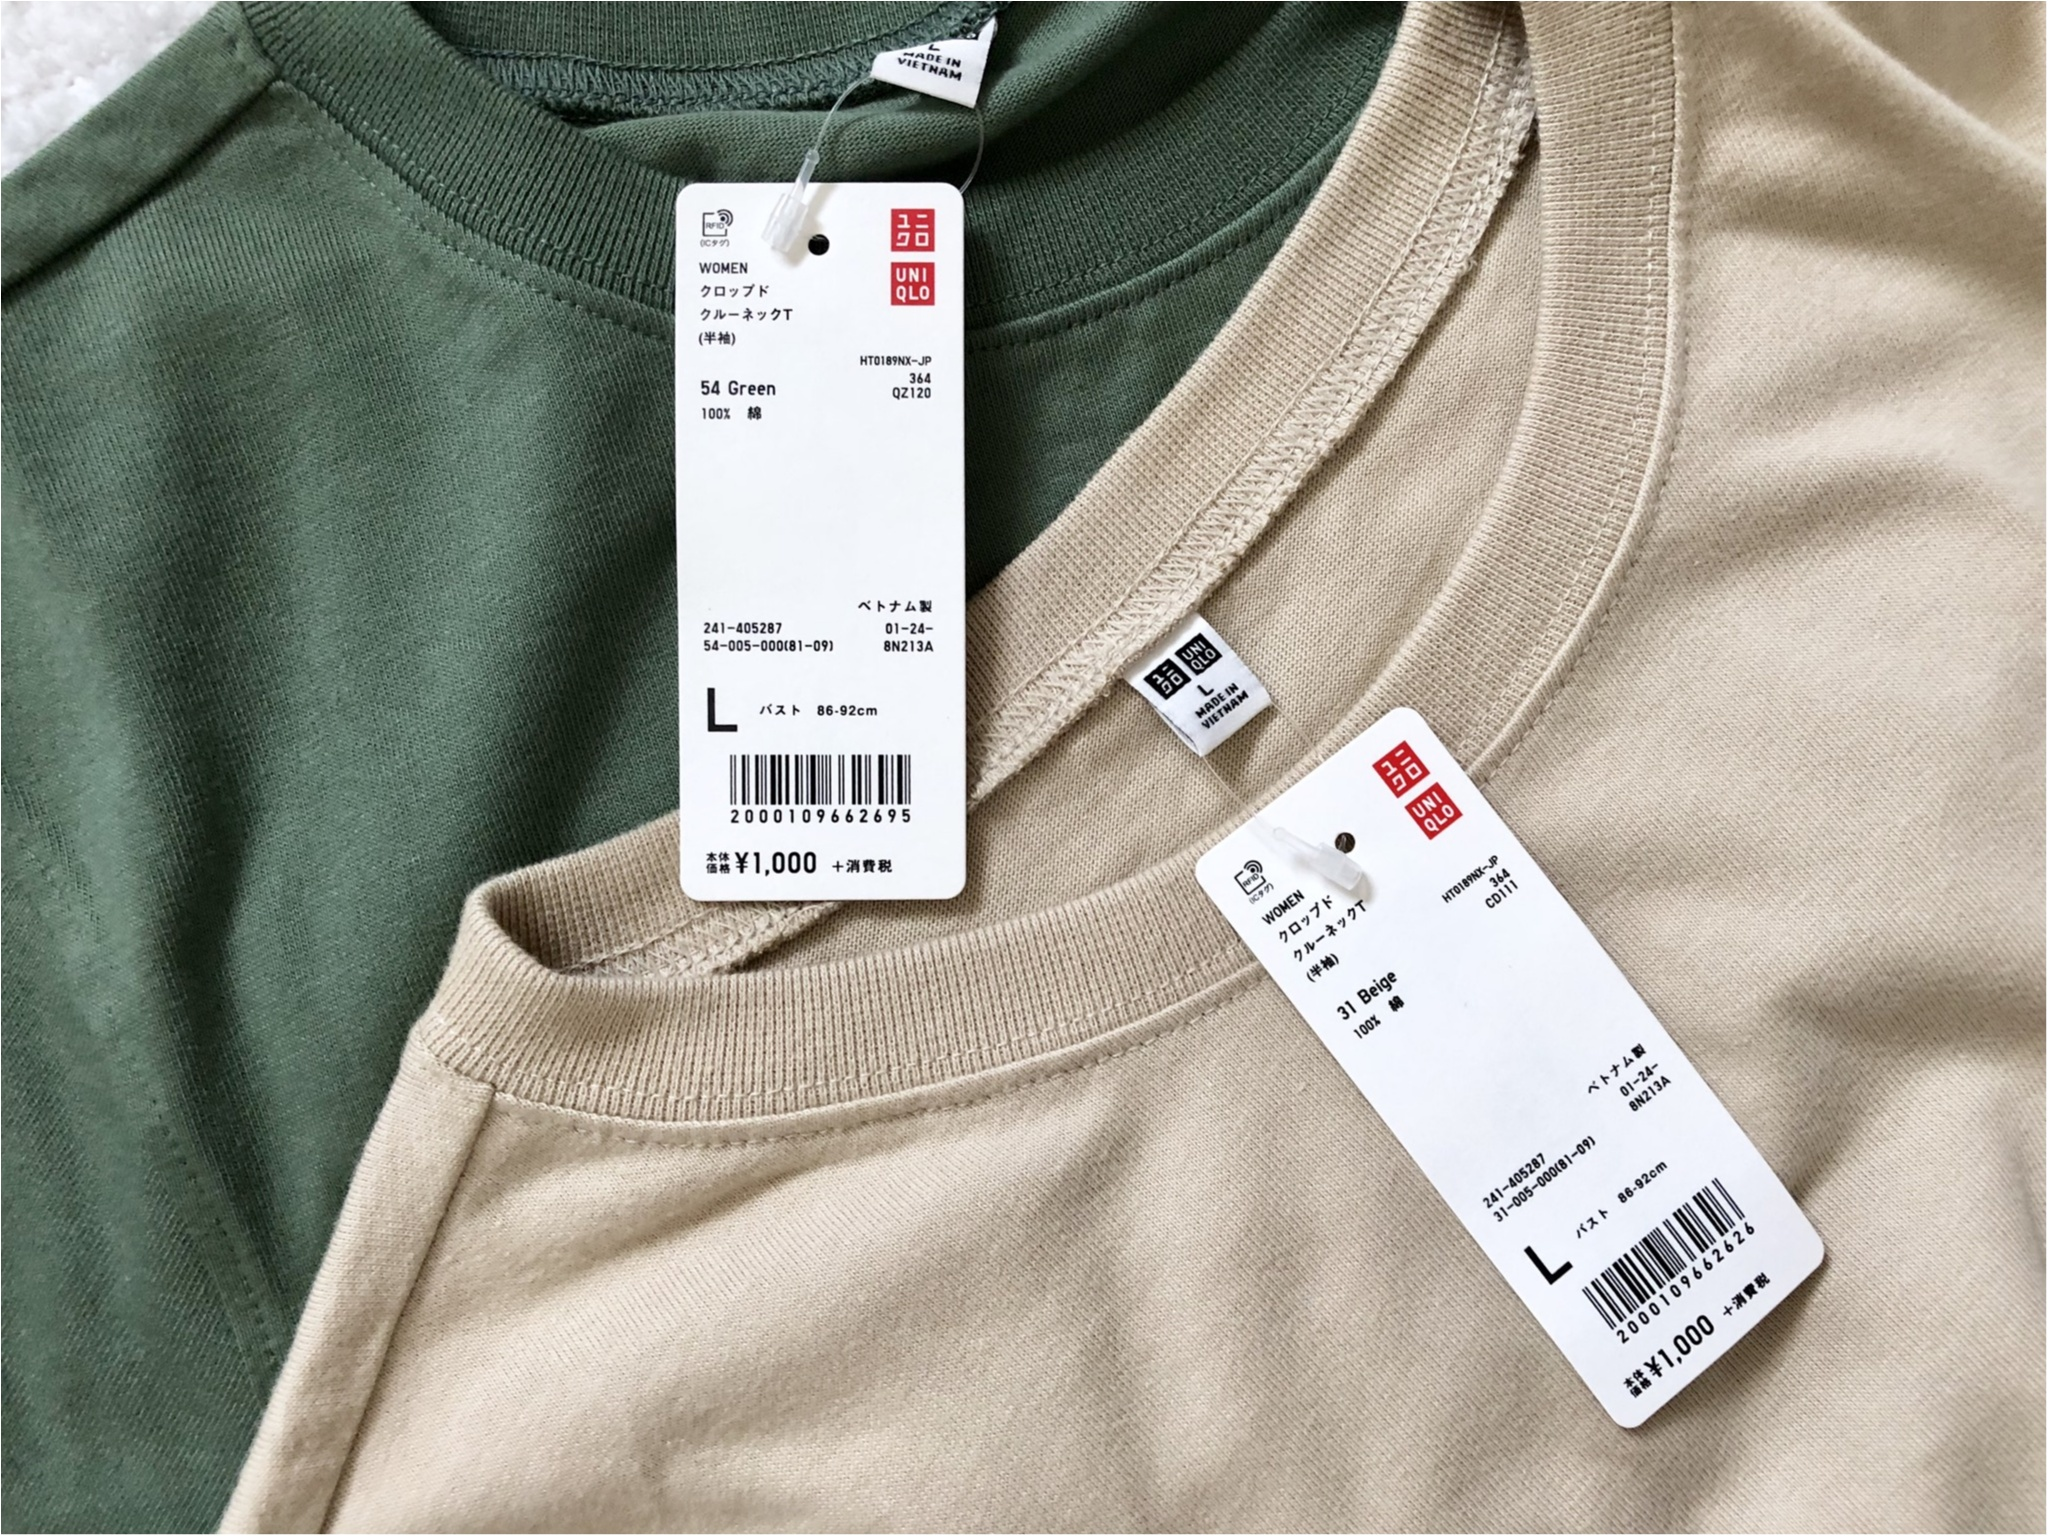 【UNIQLO】お洒落さんがこぞって買っている《話題のTシャツ》を2色買い❤️7/5までならお買い得なので急げっ!_3